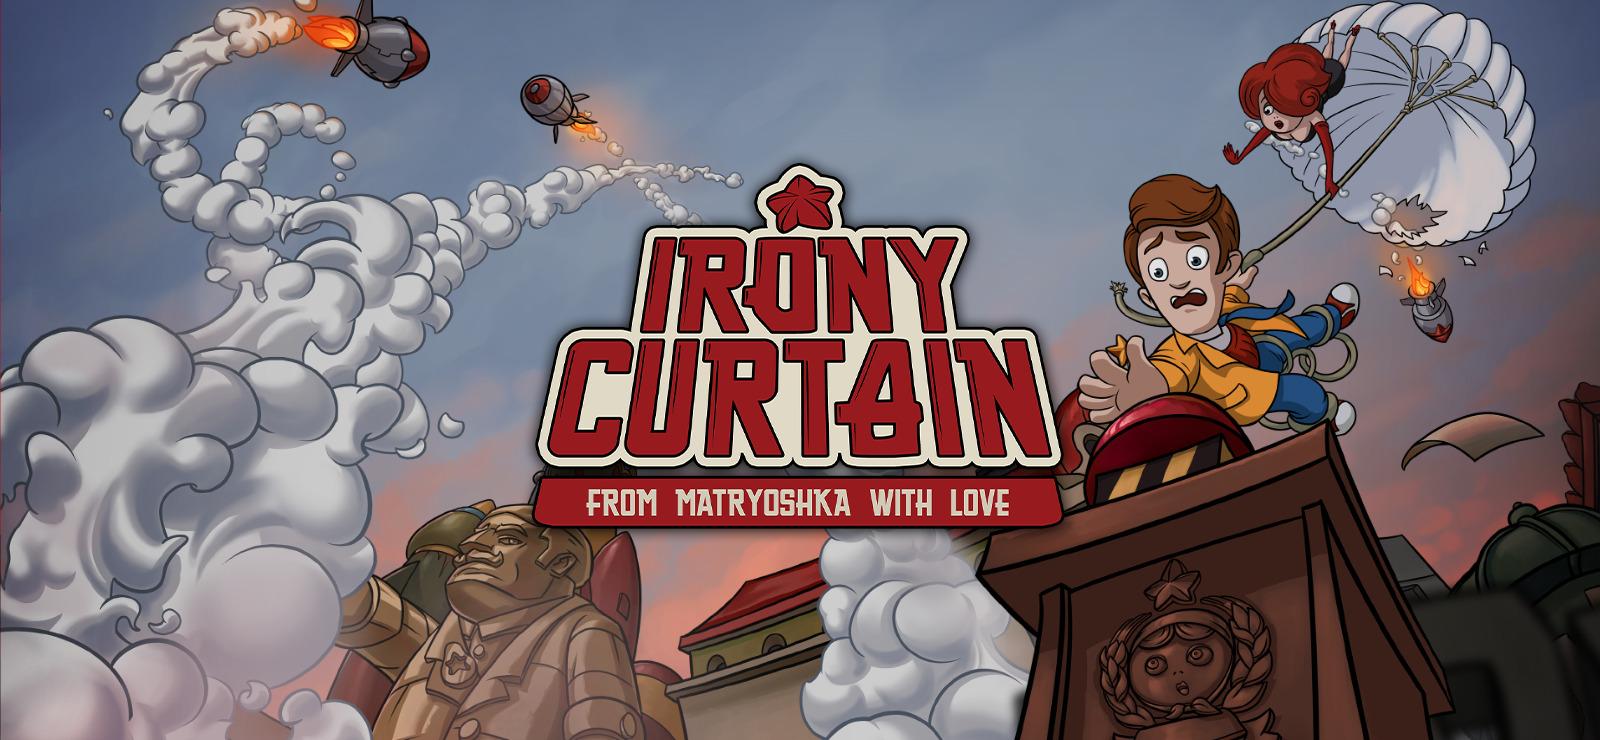 Irony Curtain: From Matryoshka with Love - Revolutionary